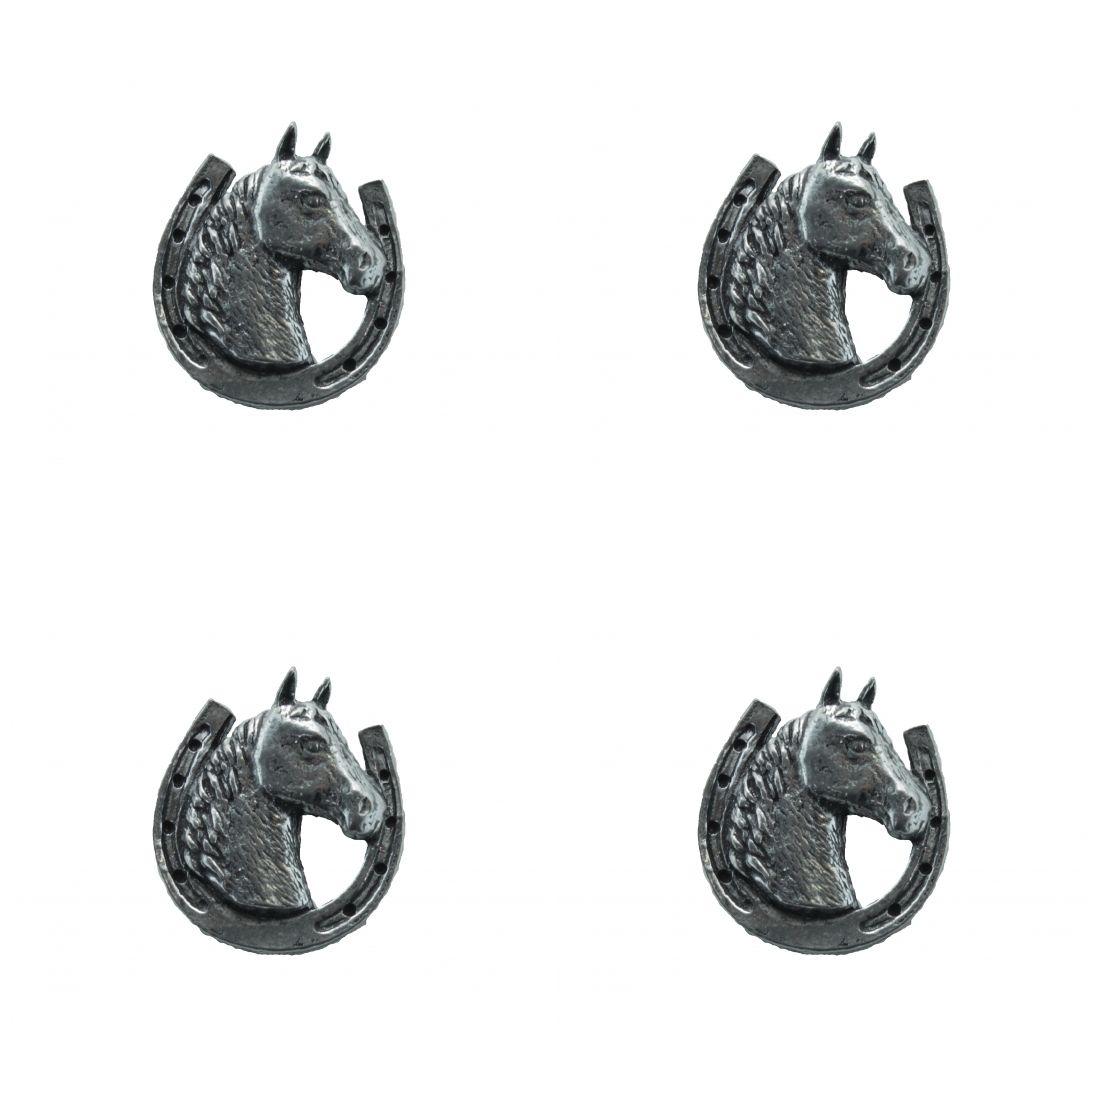 4x Pin Anstecker Badge Hufeisen mit Pferdekopf, 2,2x2,4cm